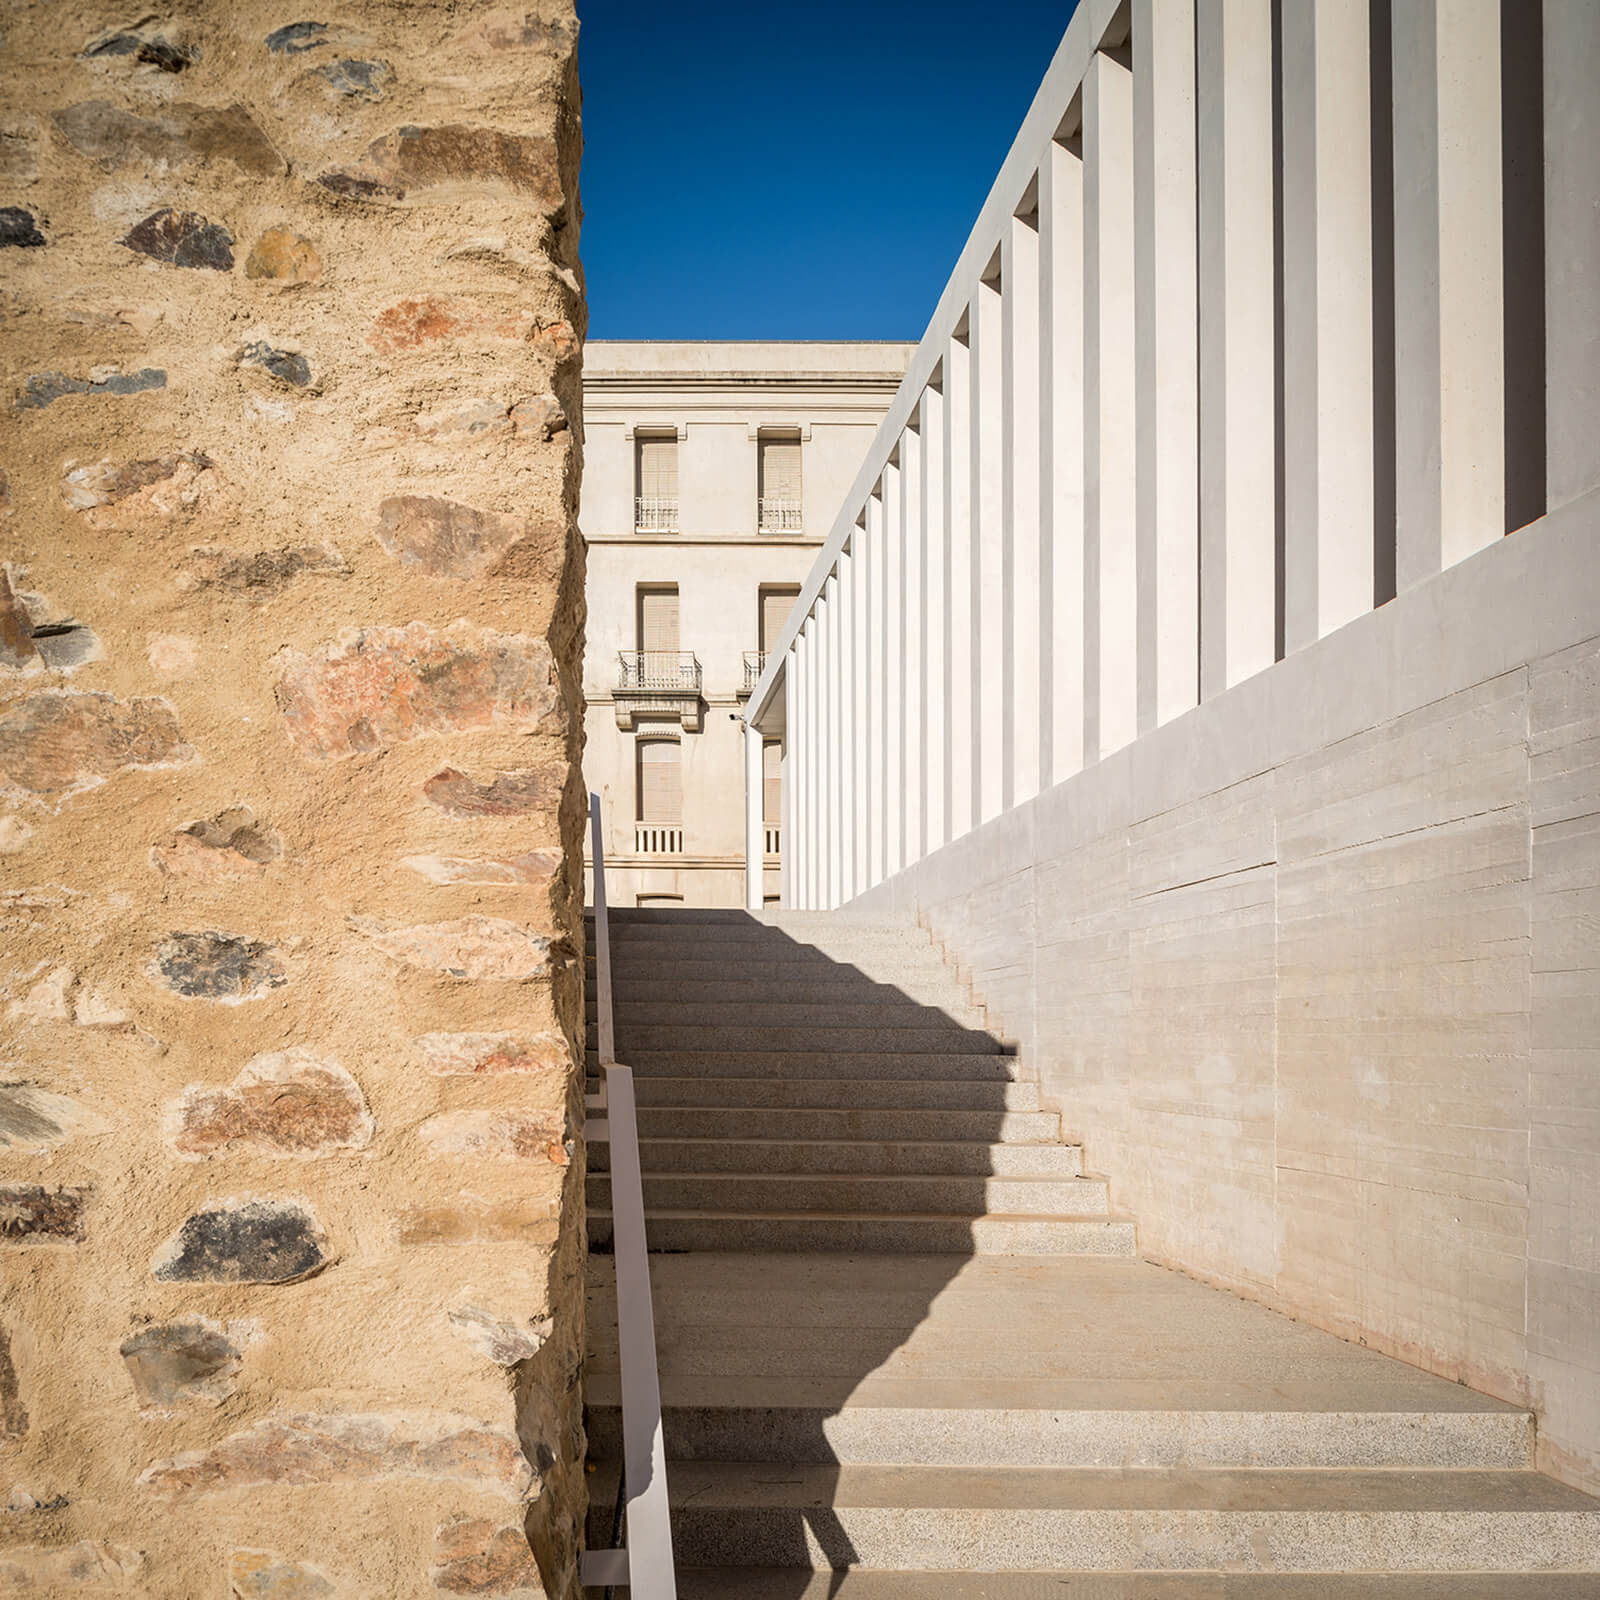 Museo de Arte Contemporáneo Helga de Alvear  - 3.2 39